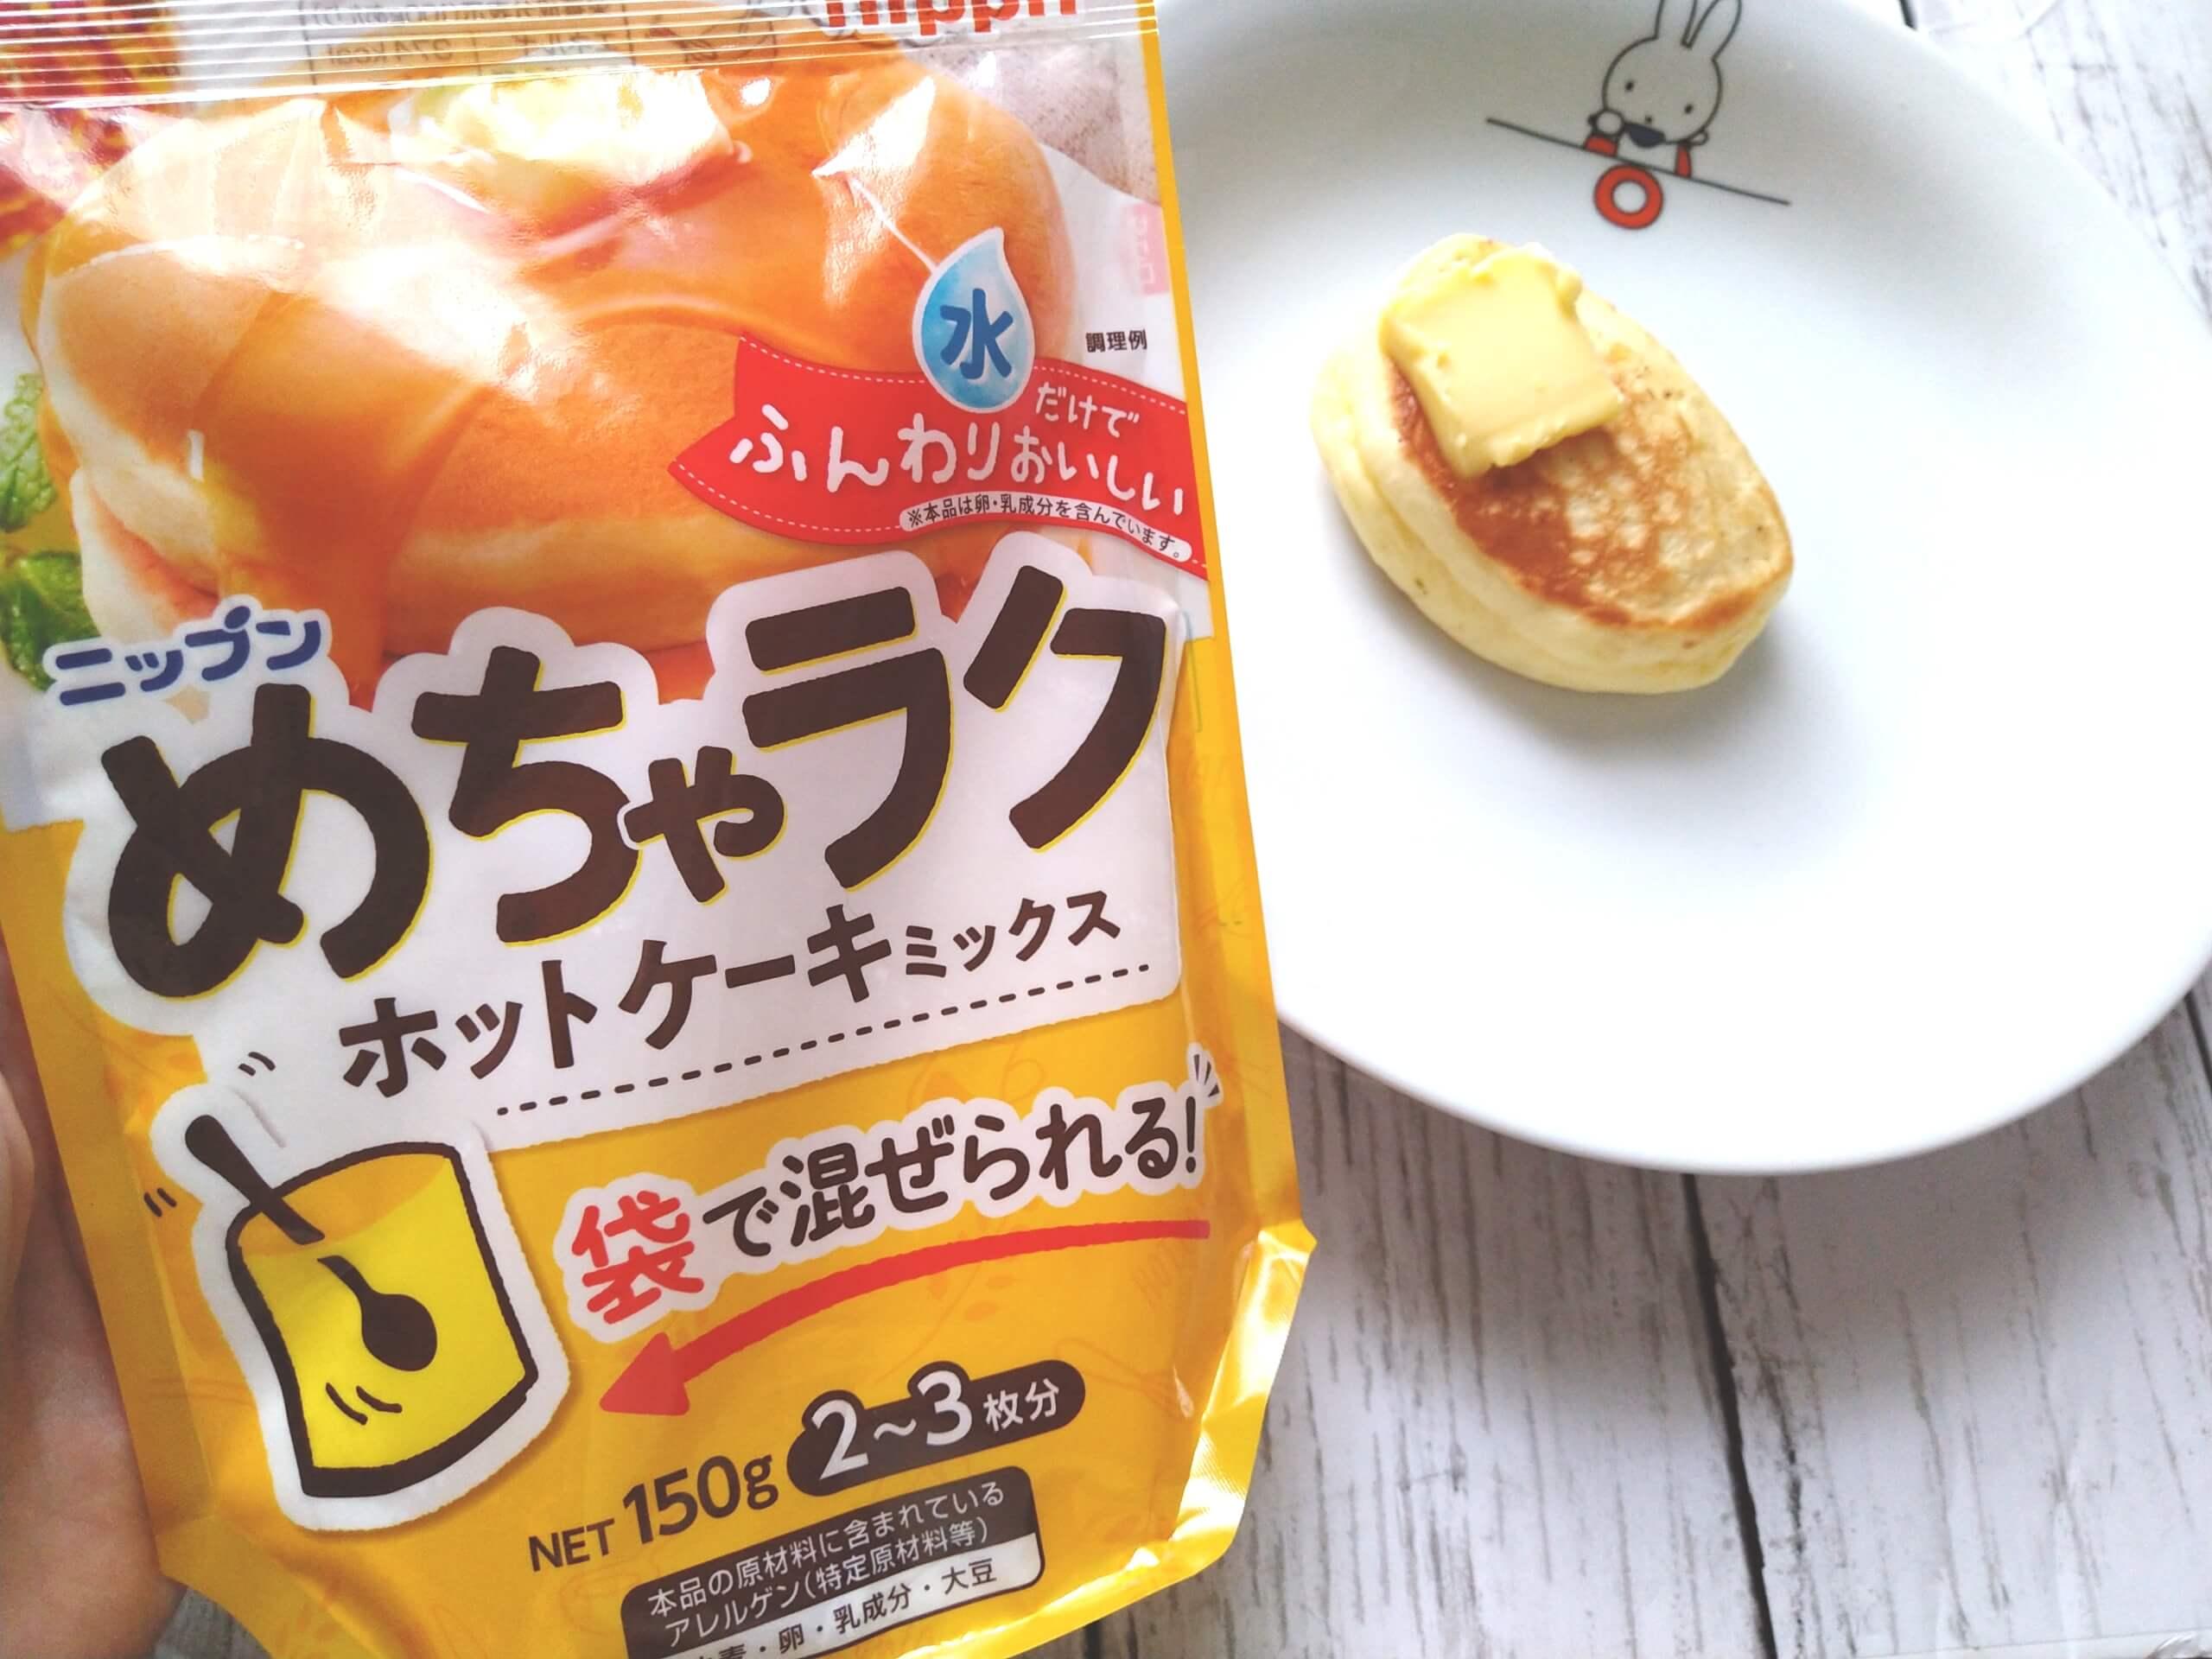 めちゃラクホットケーキミックスとホットケーキ